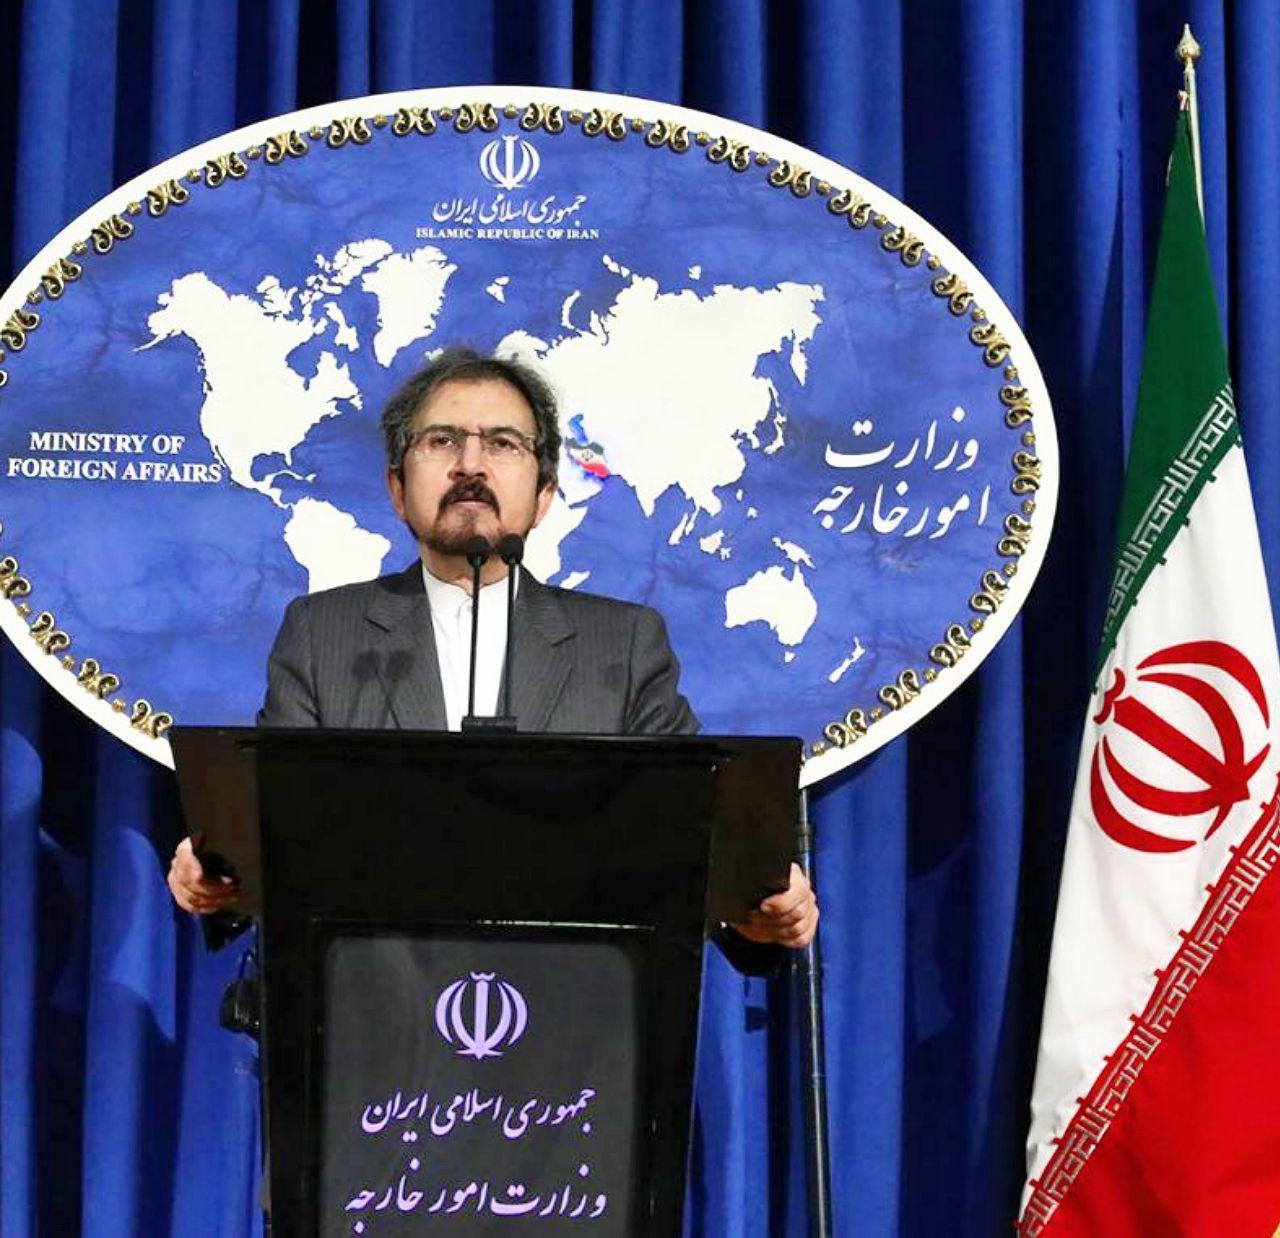 بیانیه پایانی اجلاس وزرای خارجه اتحادیه عرب پیرامون جزایر ایرانی مردود است